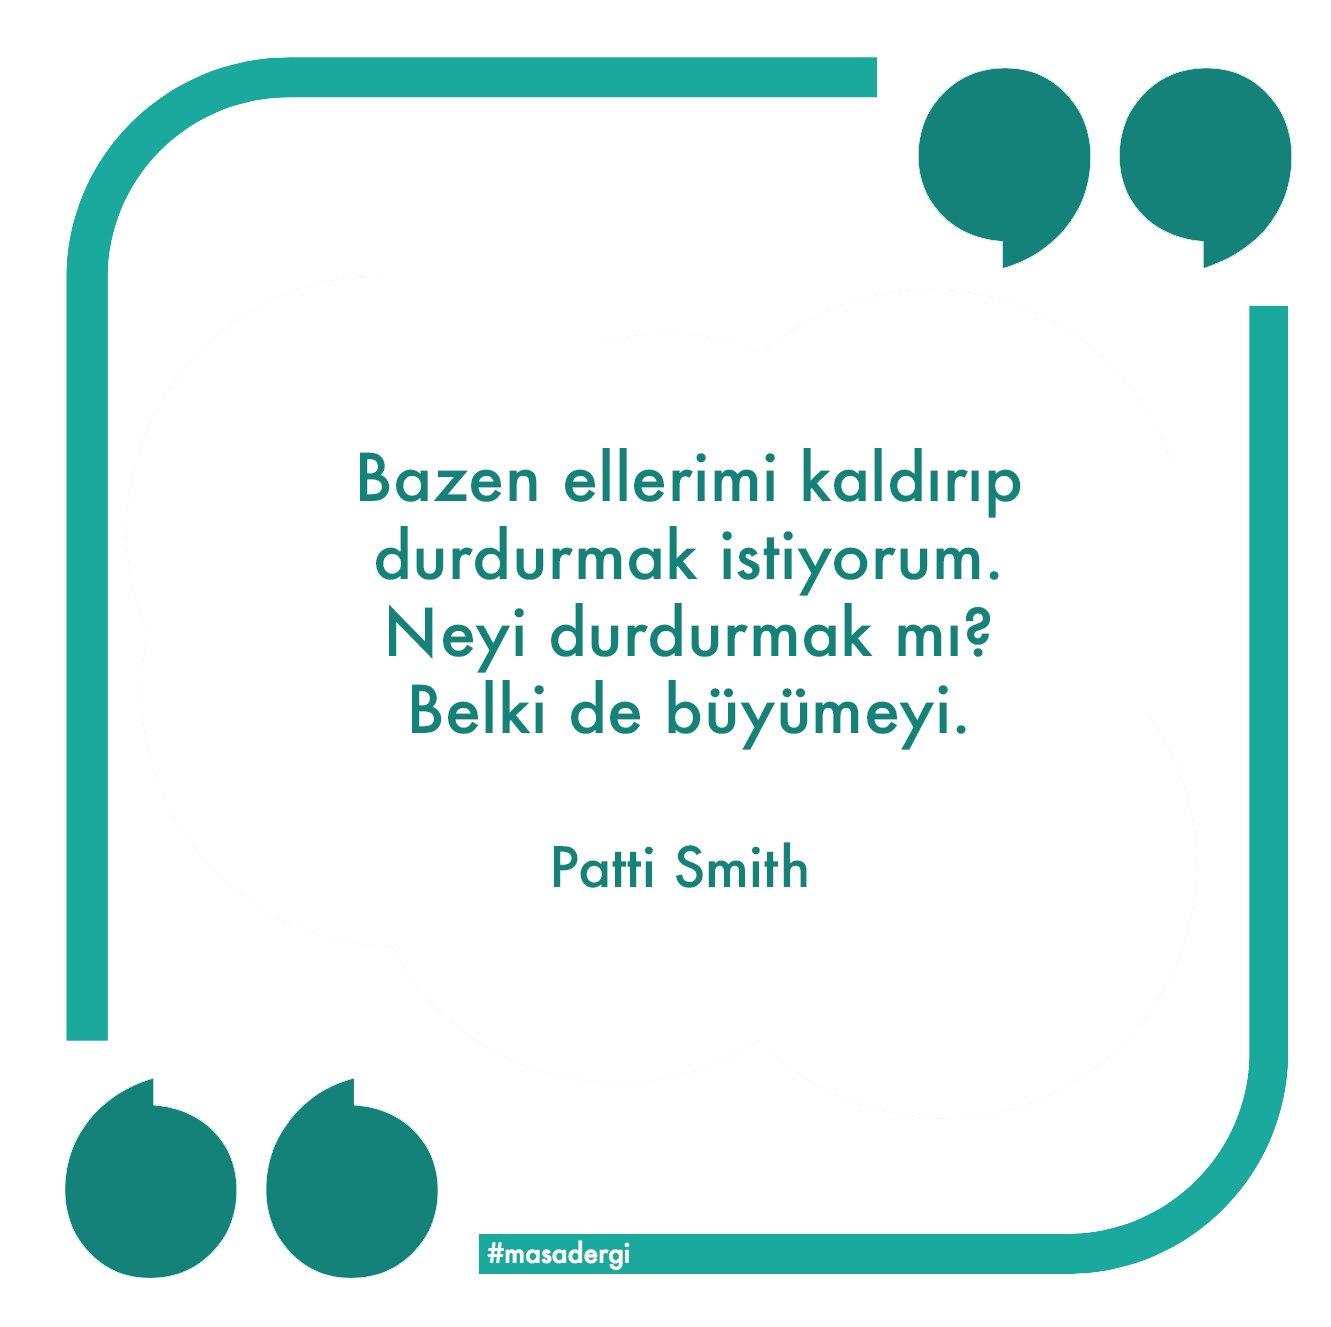 Bazen ellerimi kaldırıp durdurmak istiyorum. Neyi durdurmak mı? Belki de büyümeyi.   Patti Smith #MasaDergi https://t.co/sNQPiW5msj